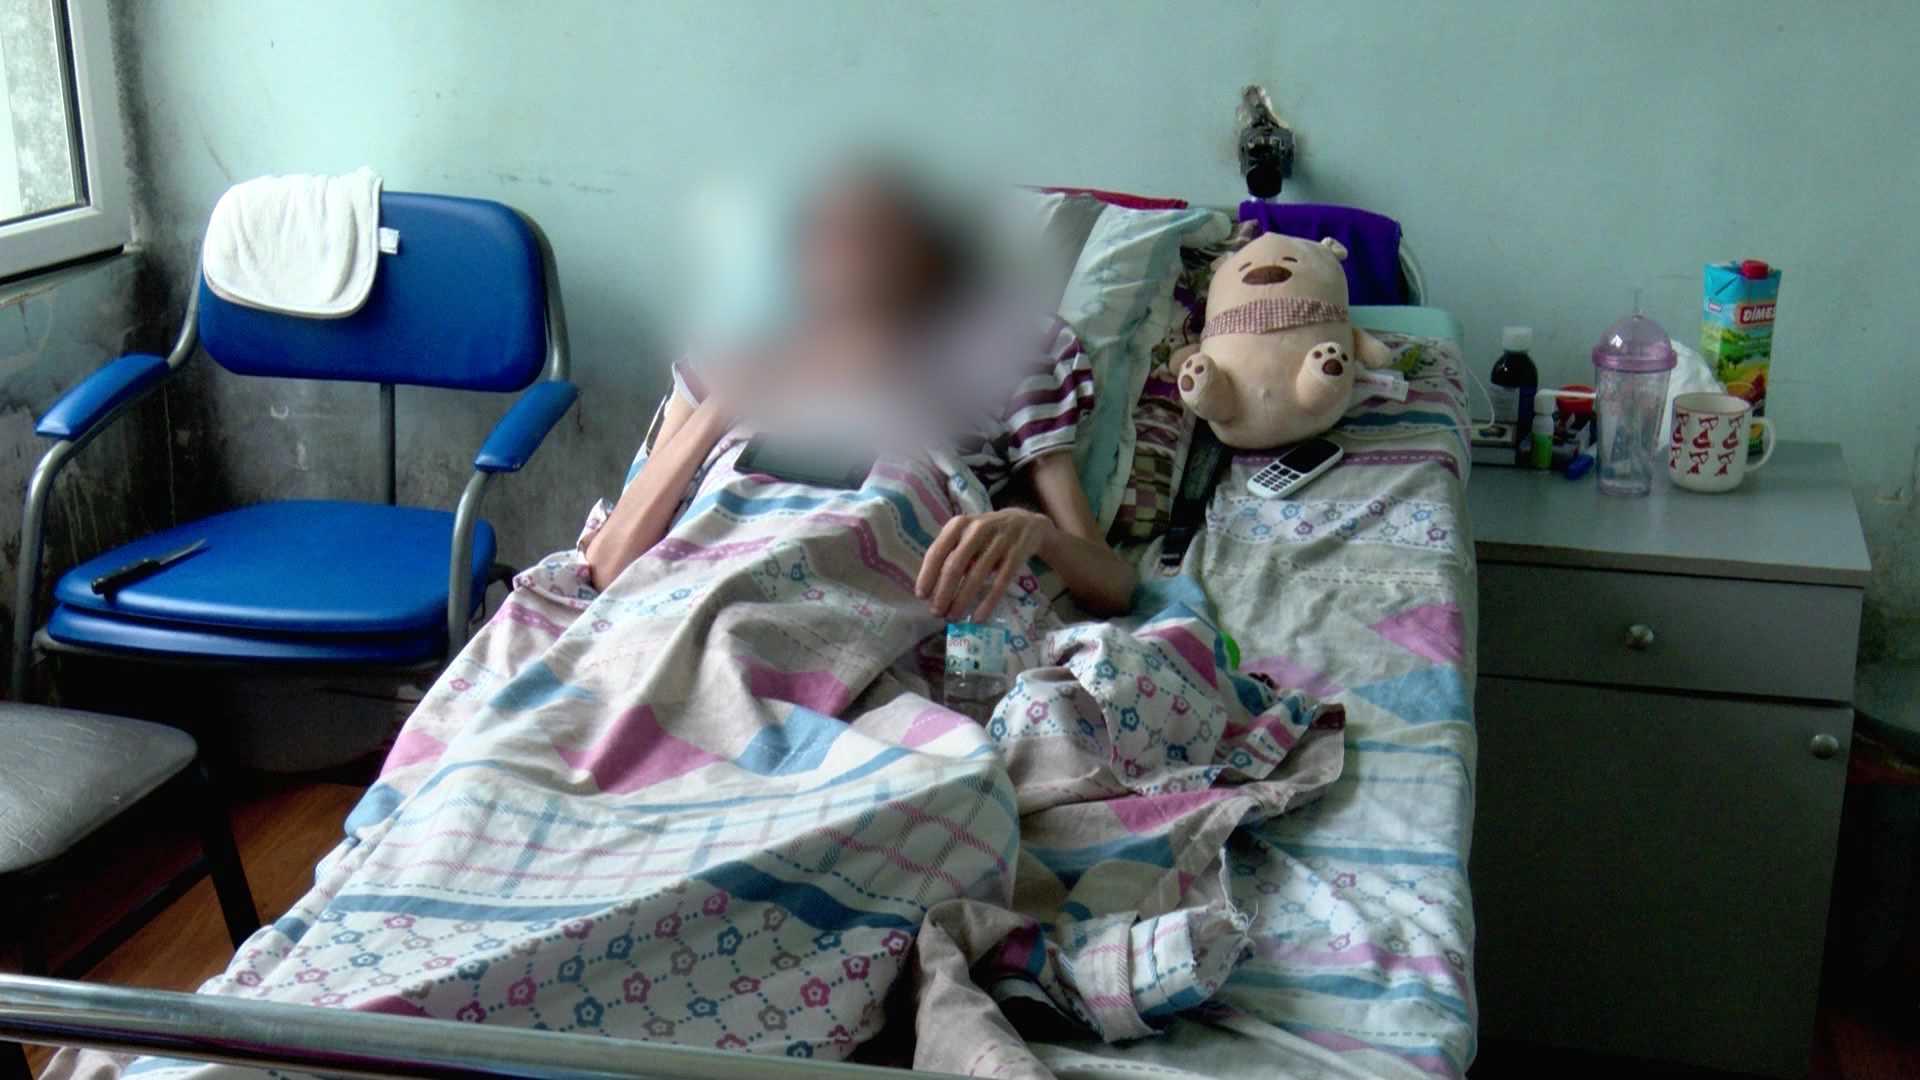 მძიმედ დაავადებული ტრანსგენდერი ქალი გარდაიცვალა